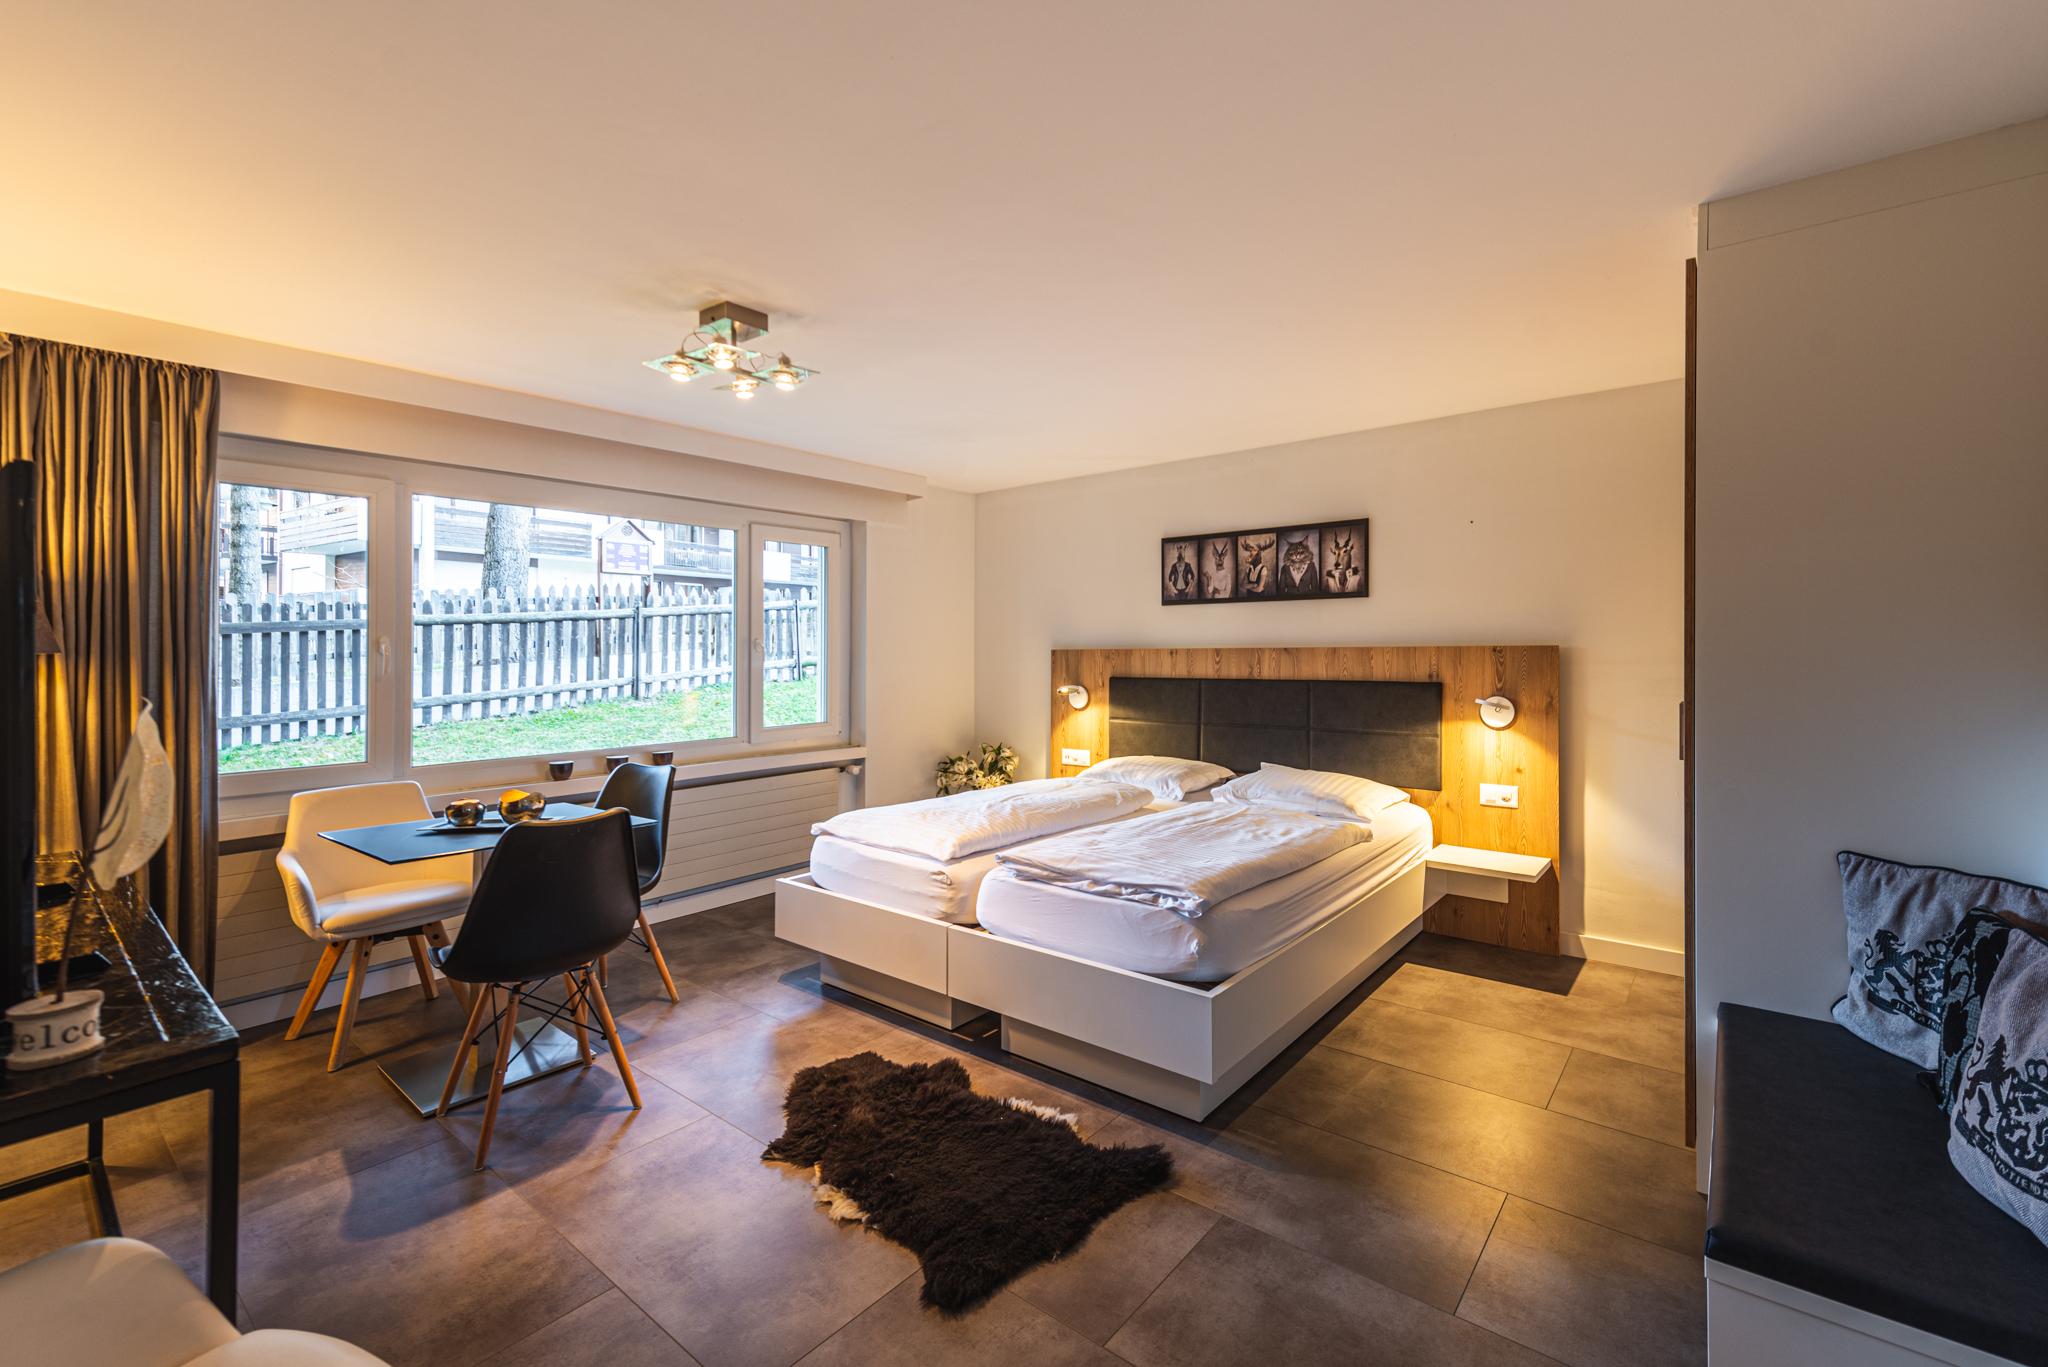 Haus Granit Studio, max. 4 pers.